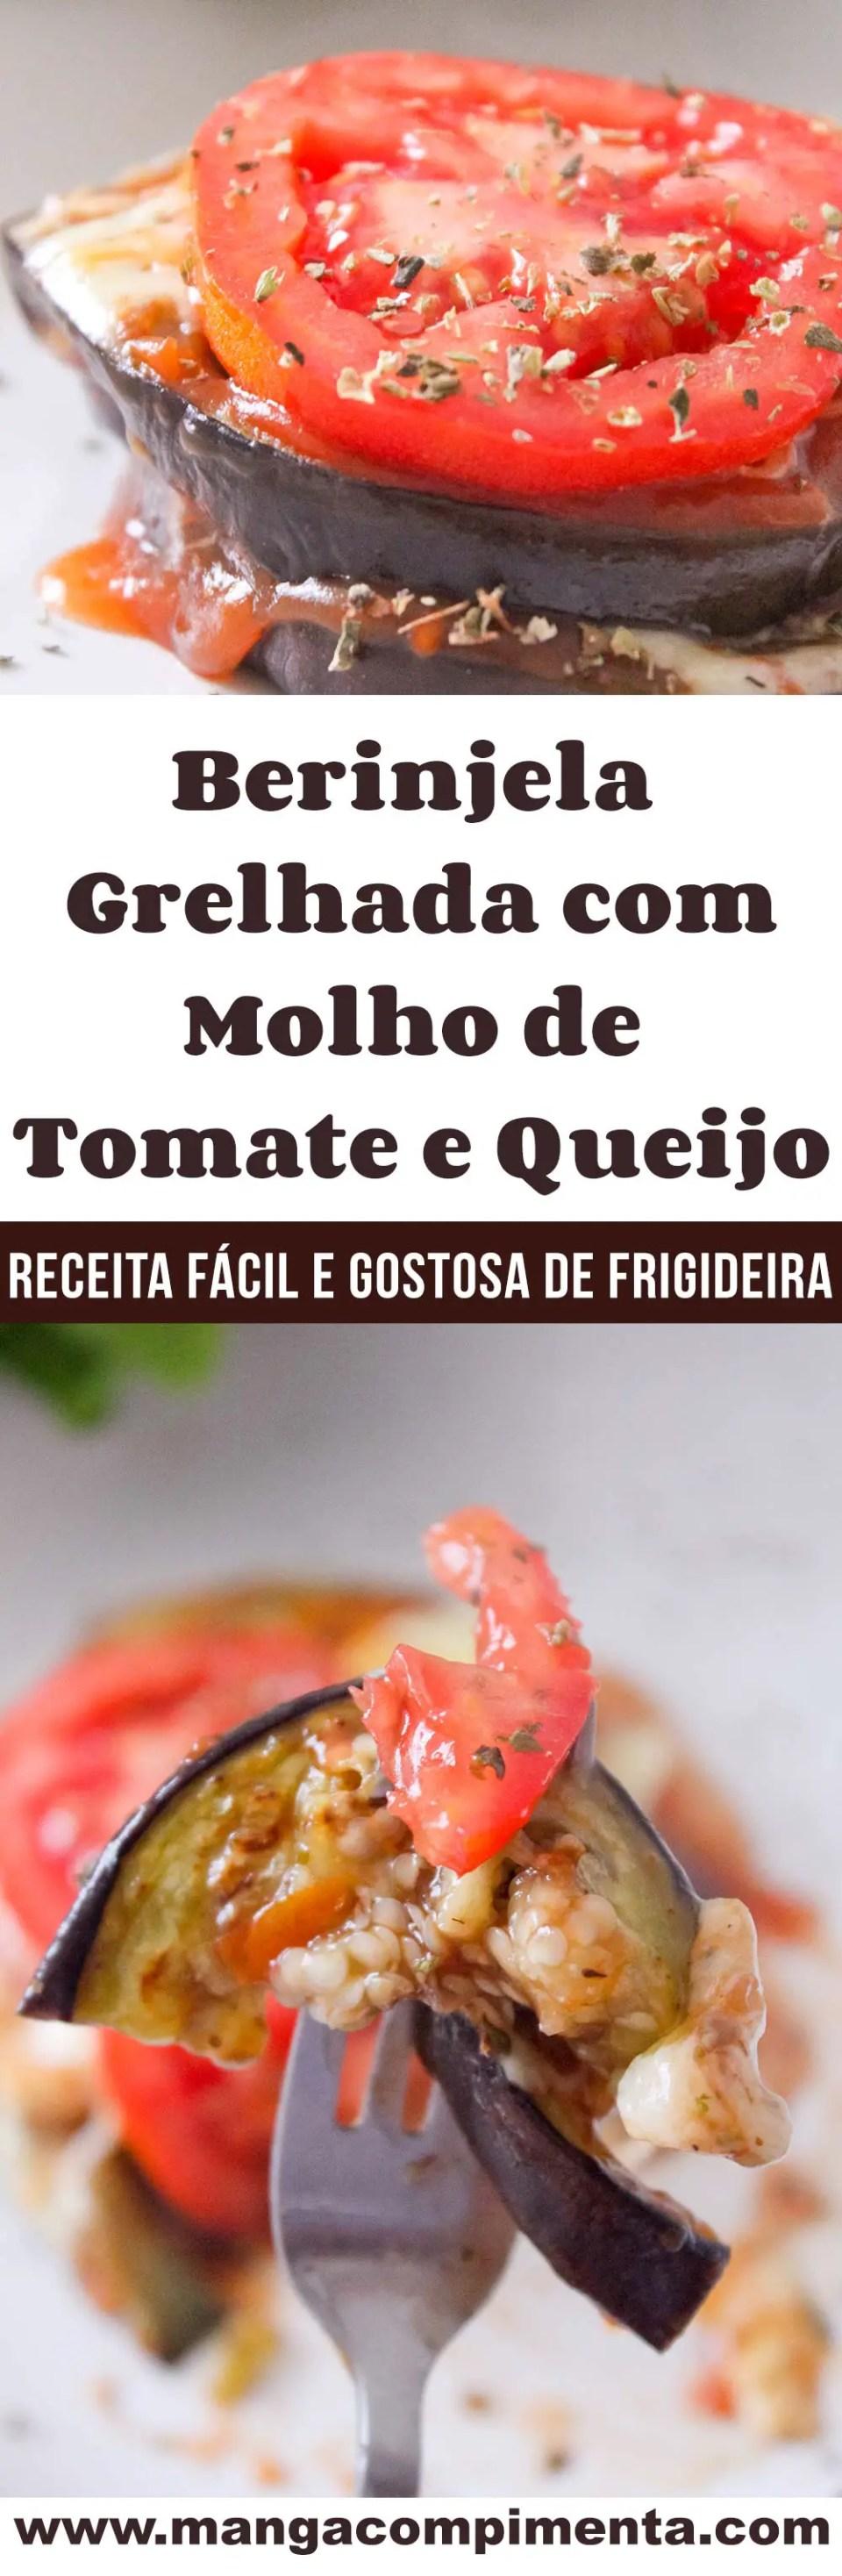 Berinjela Grelhada com Molho de Tomate e Queijo - uma delícia para o almoço da semana!